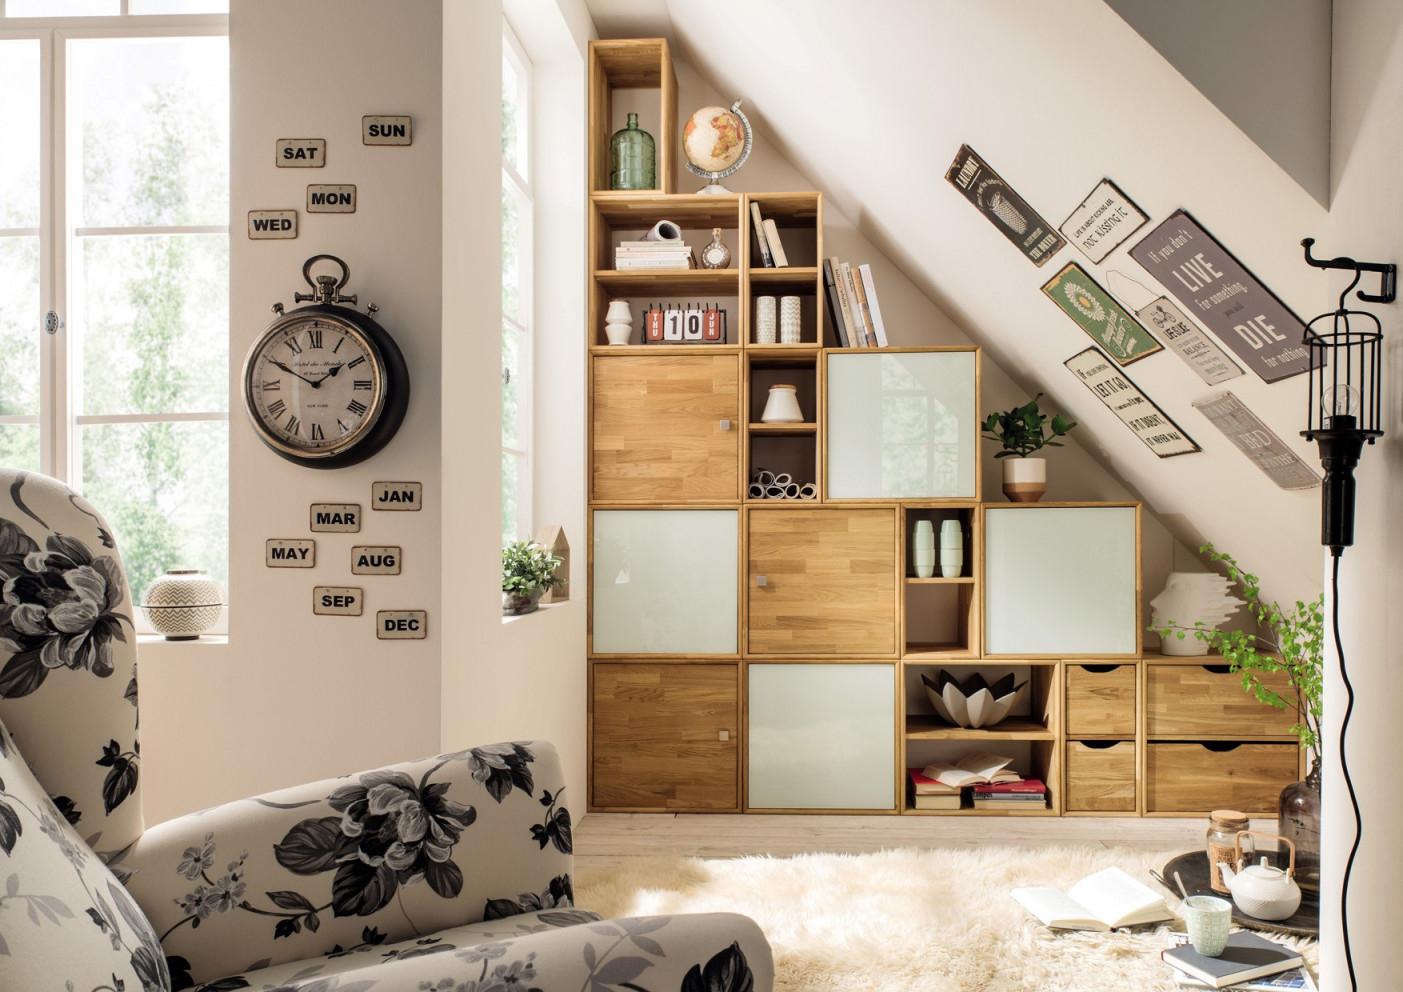 Coole Ideen Für Die Wohneinrichtung von Wohneinrichtung Ideen Wohnzimmer Bild